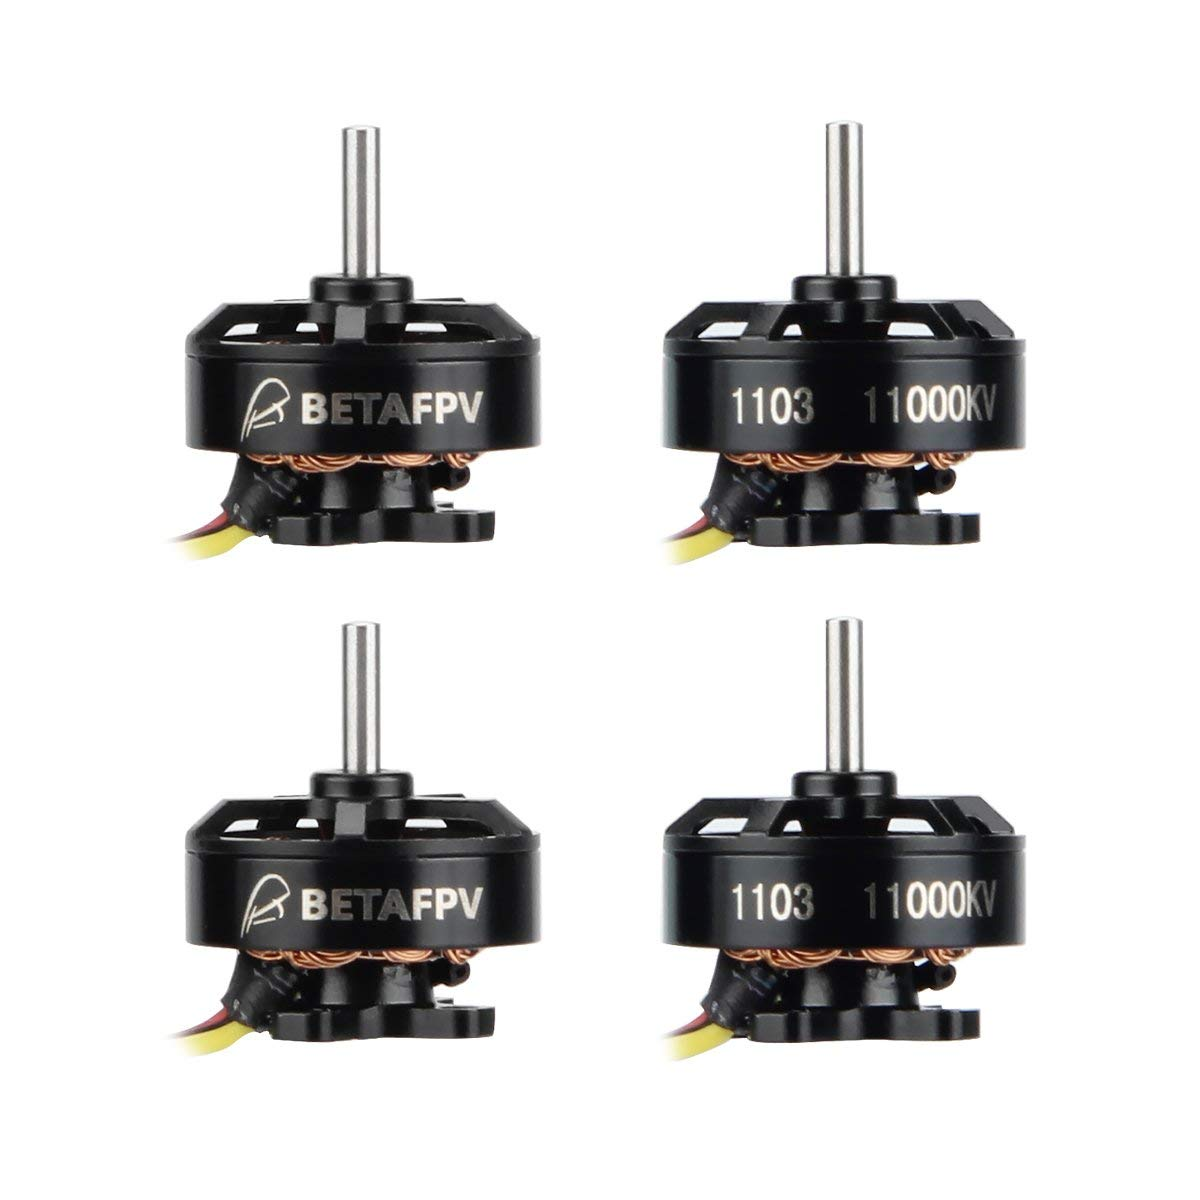 BETAFPV 4pcs 1103 11000KV Brushless Motor